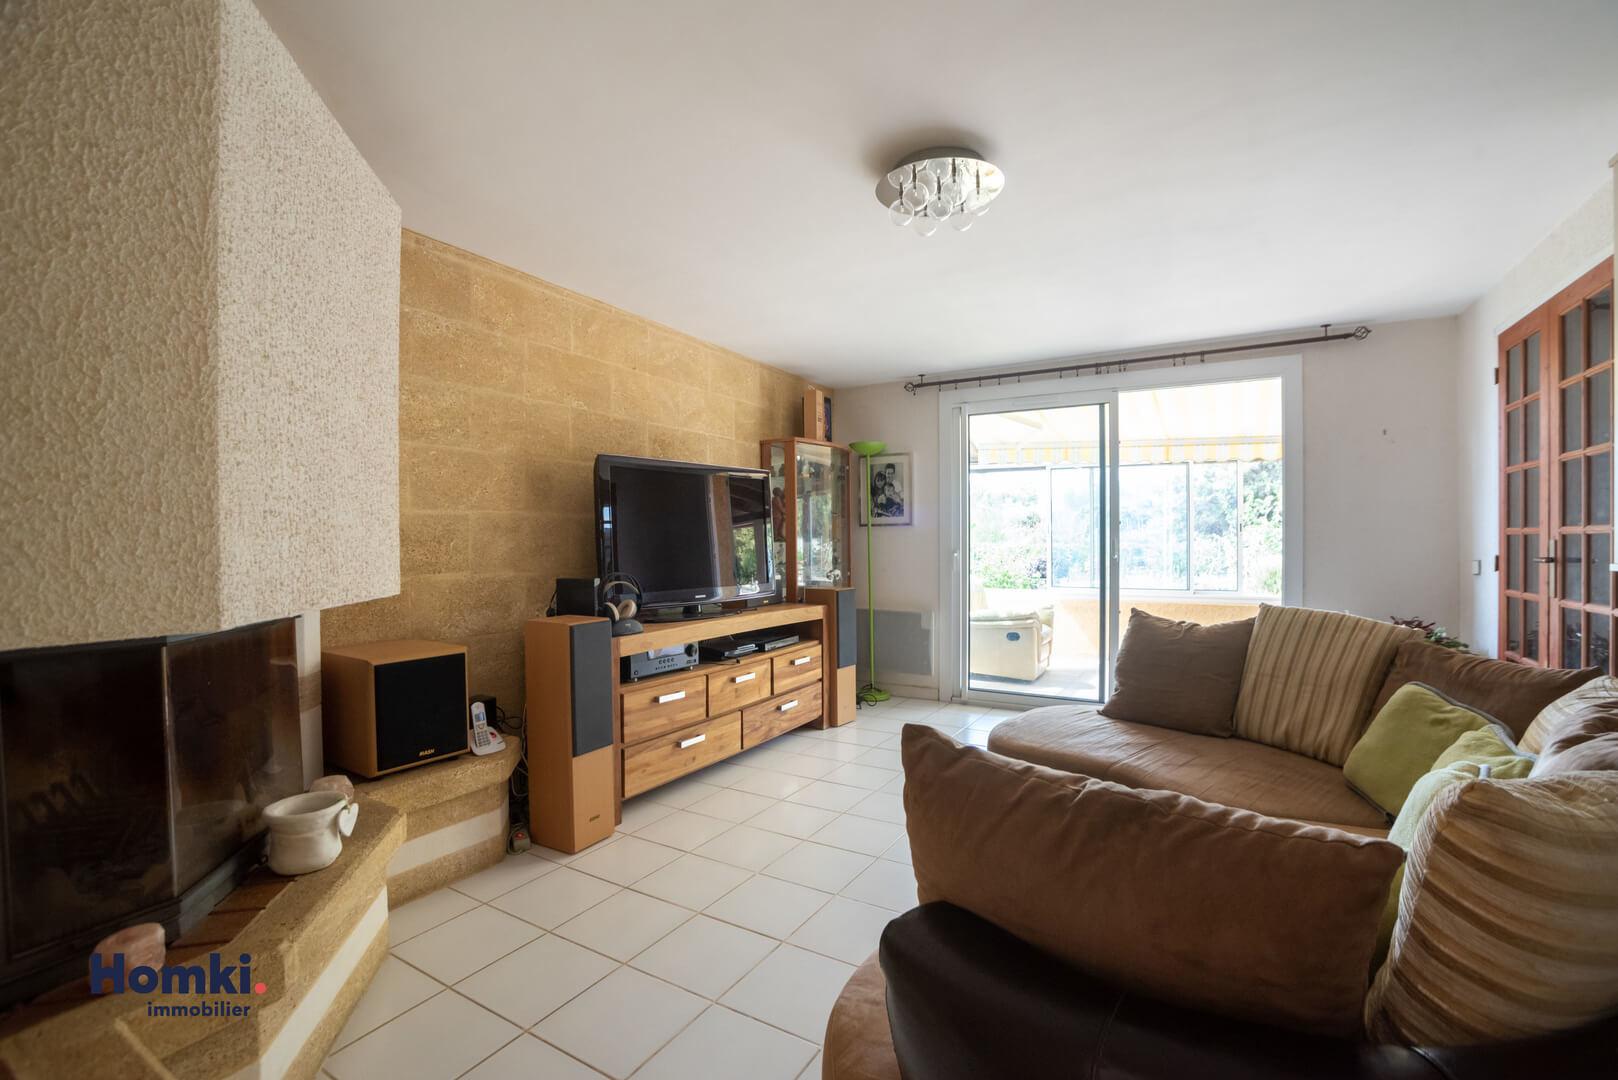 Vente maison 130m² T6 34110_2